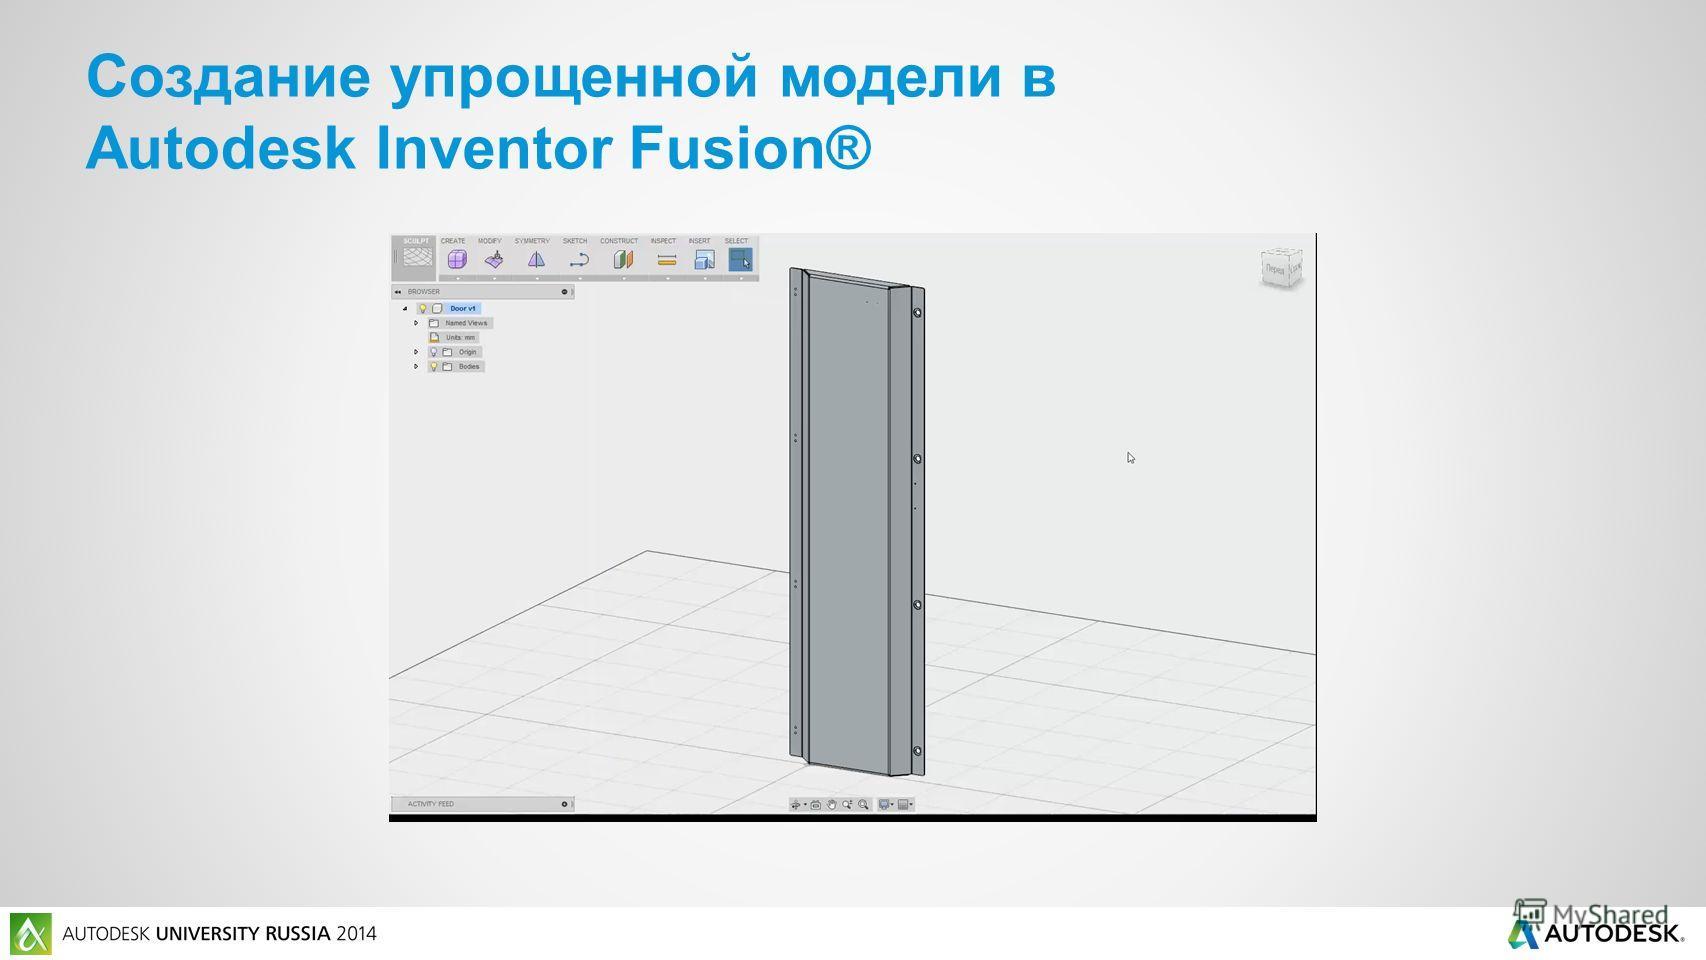 Создание упрощенной модели в Autodesk Inventor Fusion®